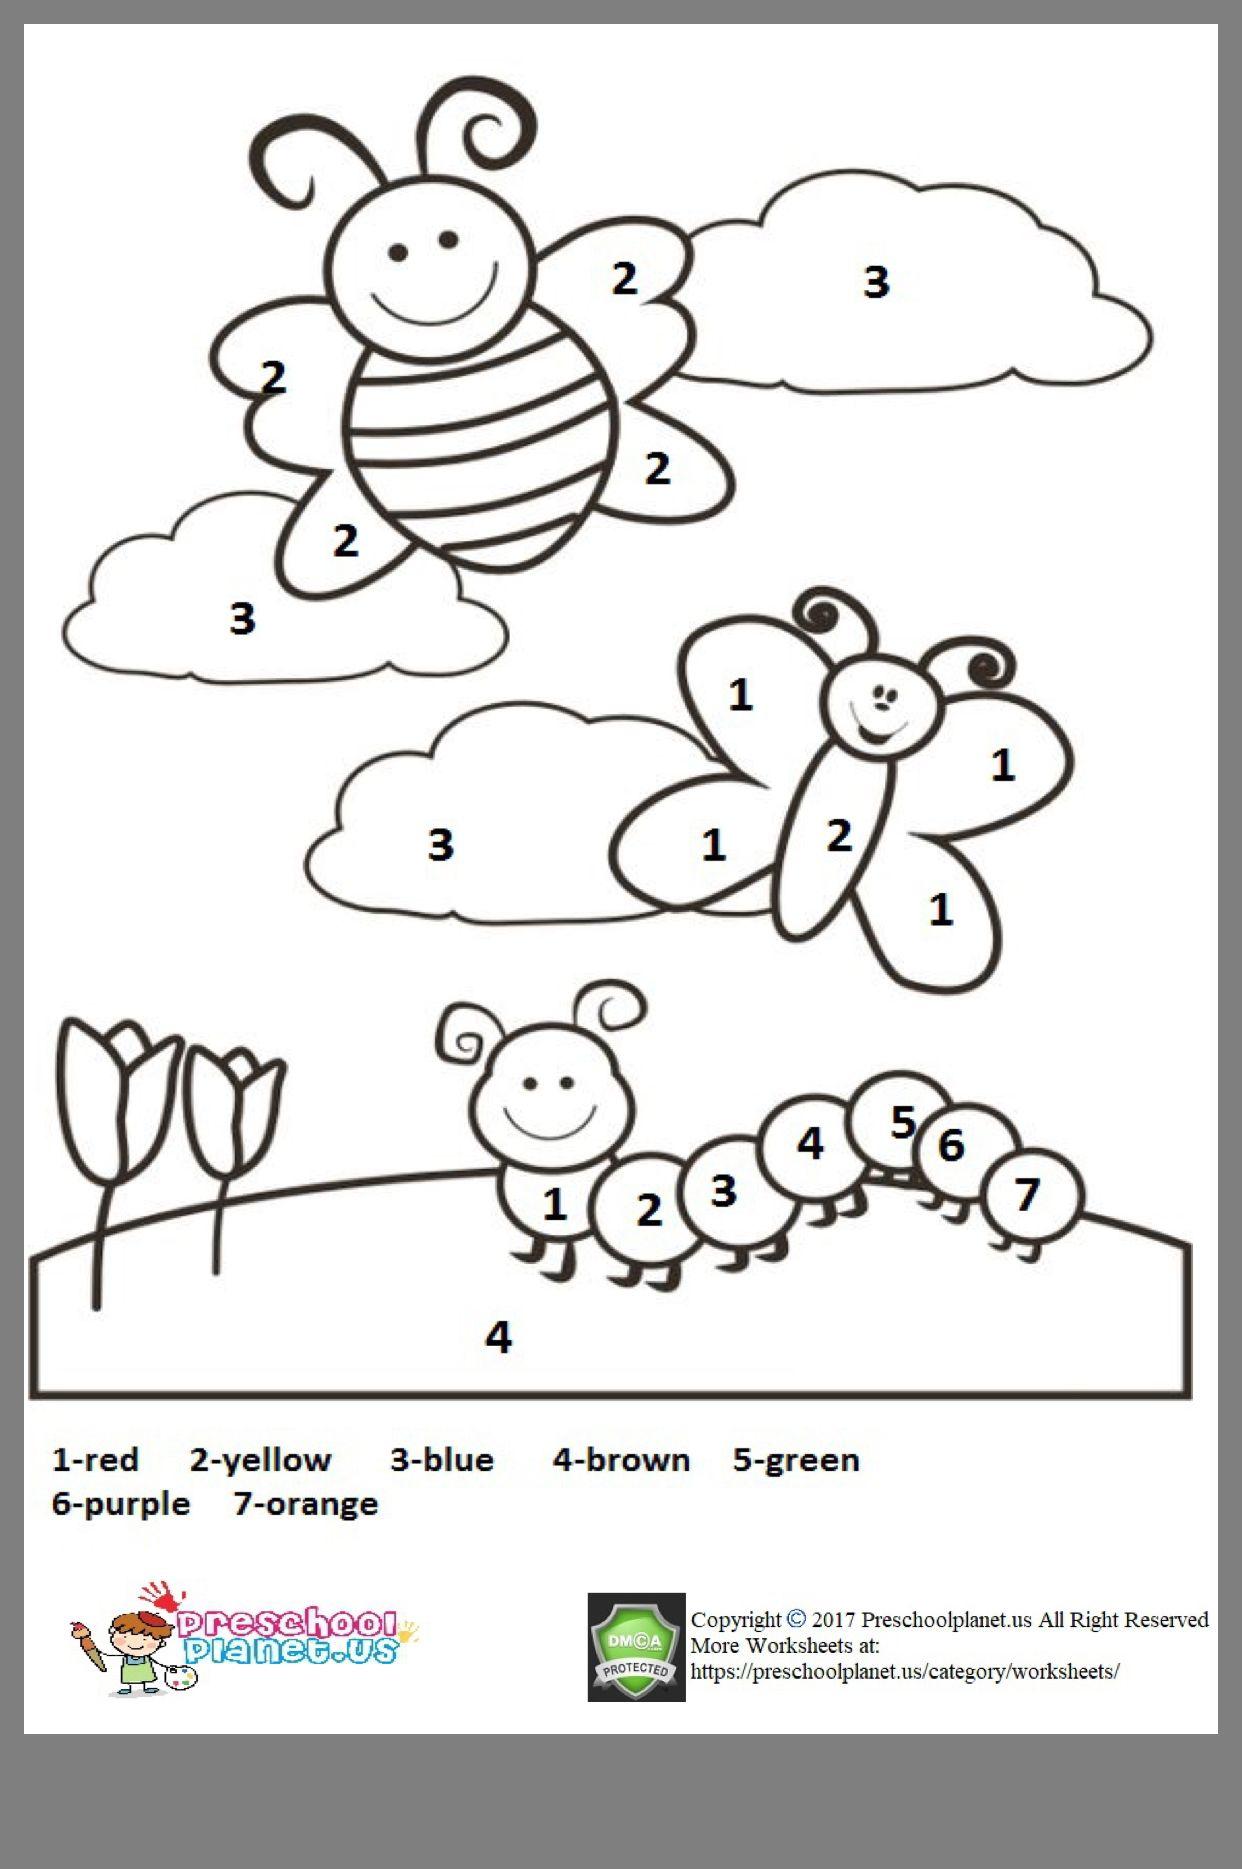 Pin by Susan Woolsey on Printables Preschool coloring